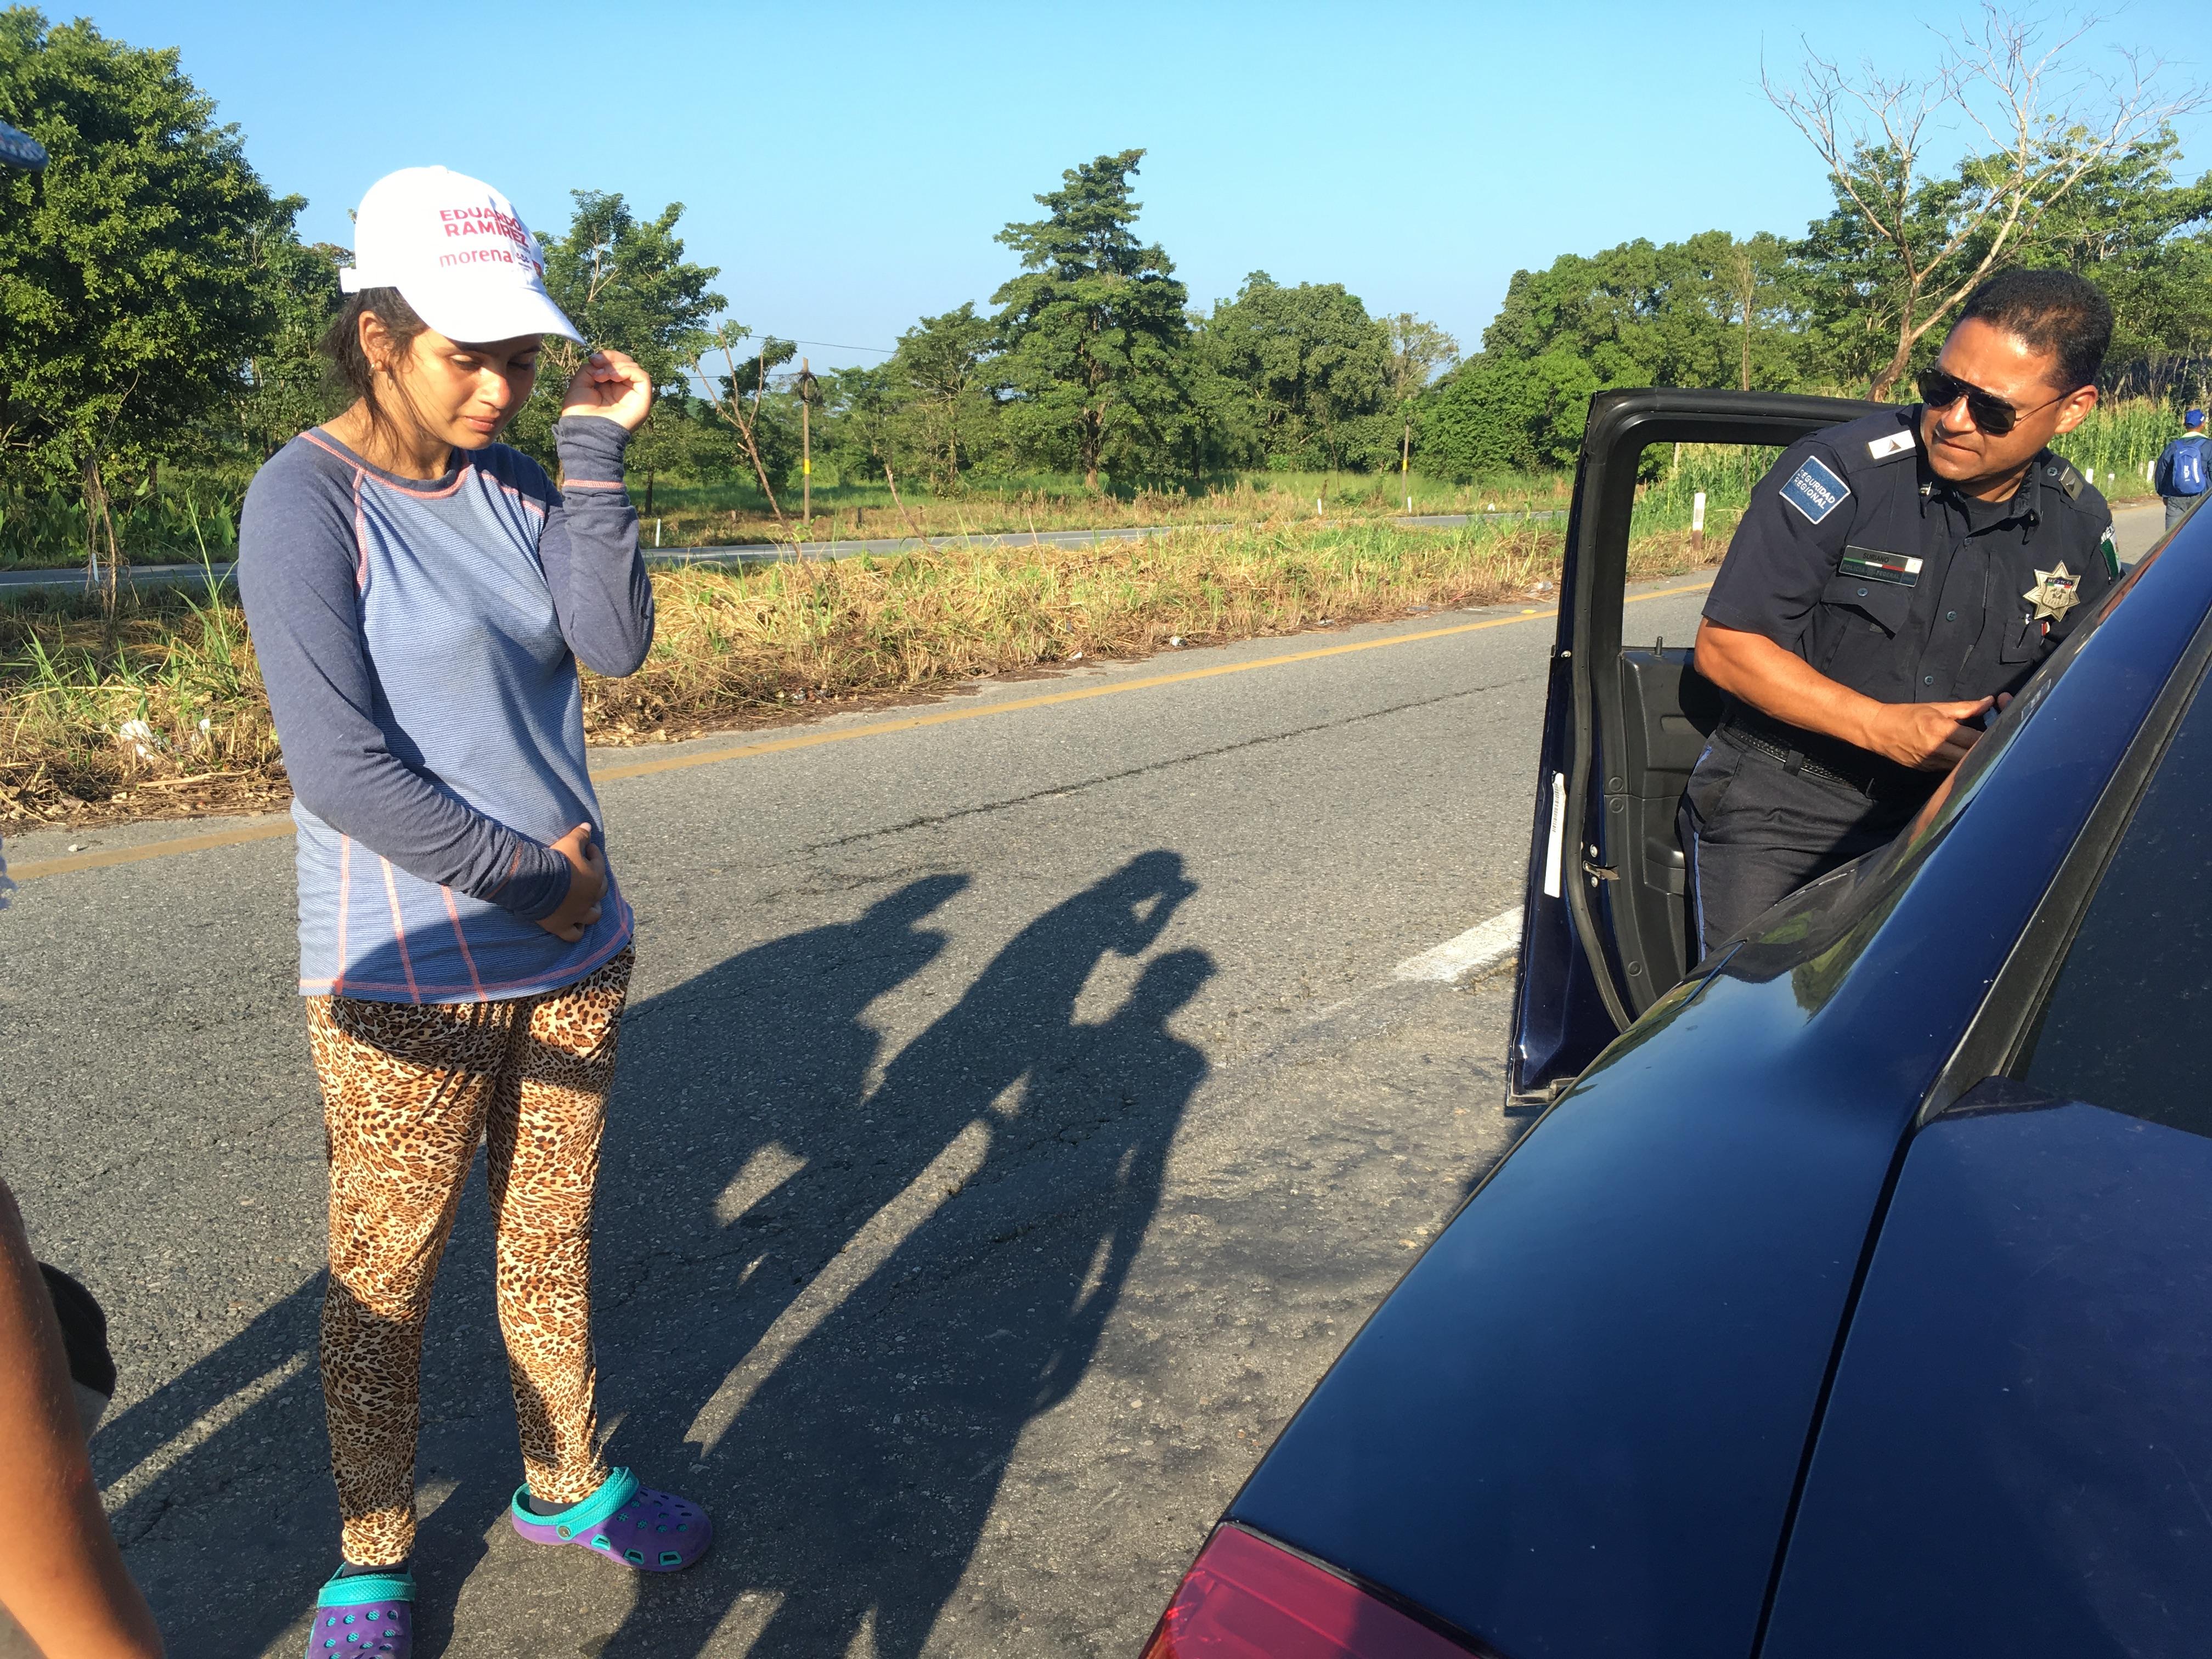 Una mujer sufre fuertes cólicos mientras camina acompañada de la caravana migrante. Foto: Lucía Reinoso